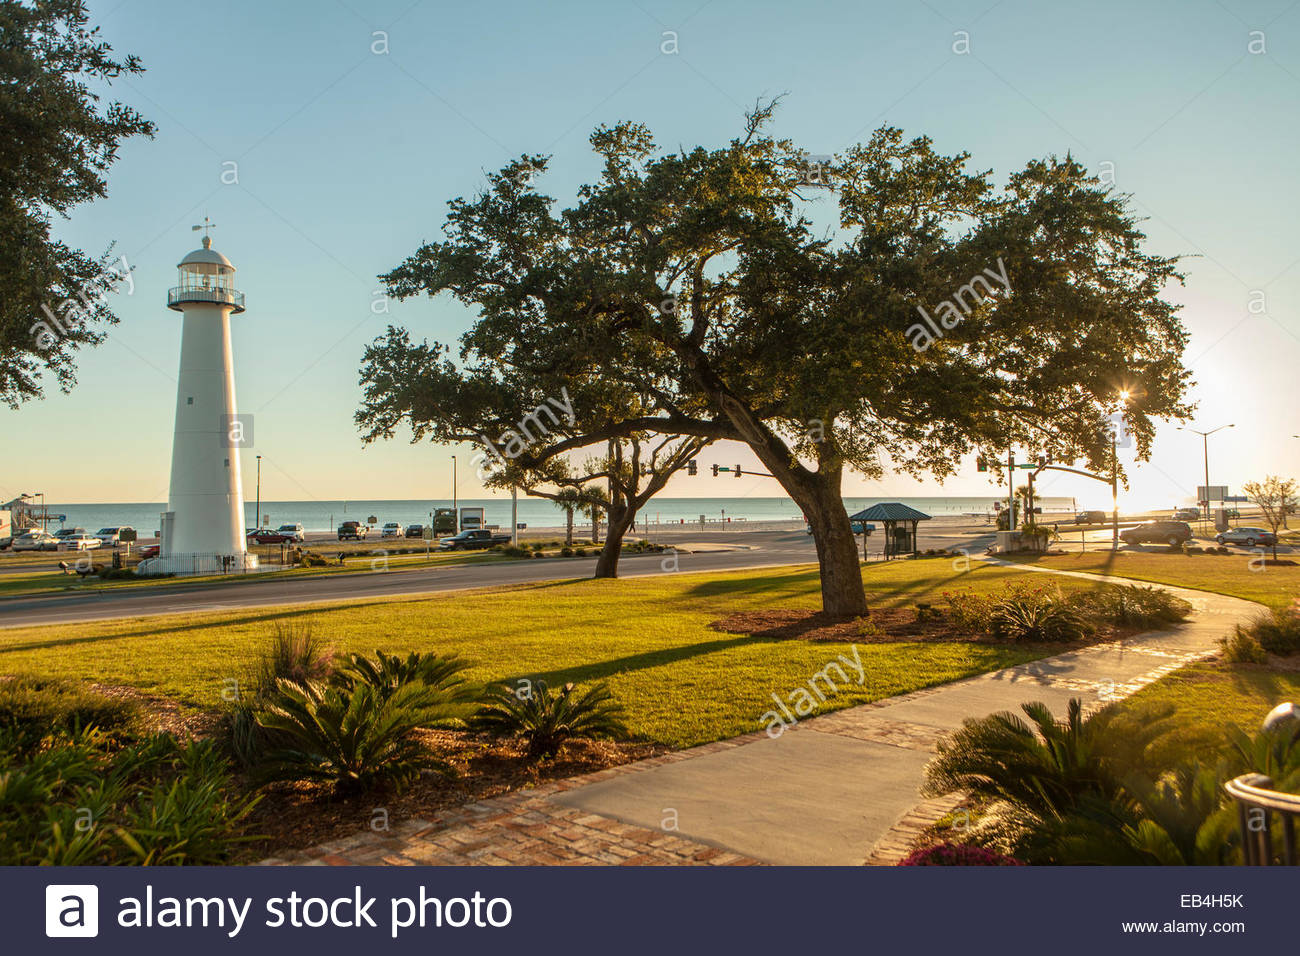 Un percorso di curve verso la storica Biloxi luce sul Golfo del Messico durante il pomeriggio ora d'oro. Immagini Stock